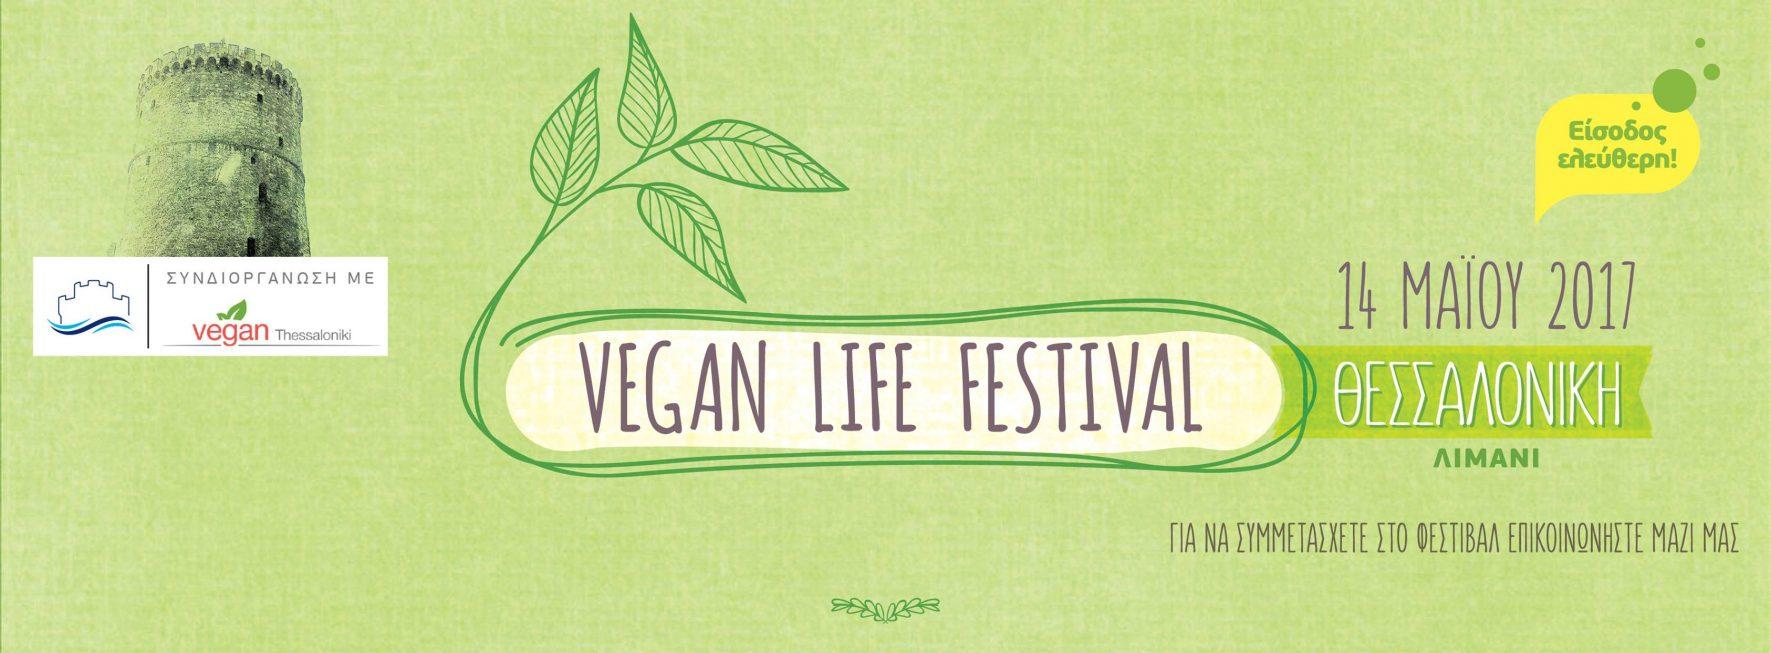 vegan life festival 2017 banner